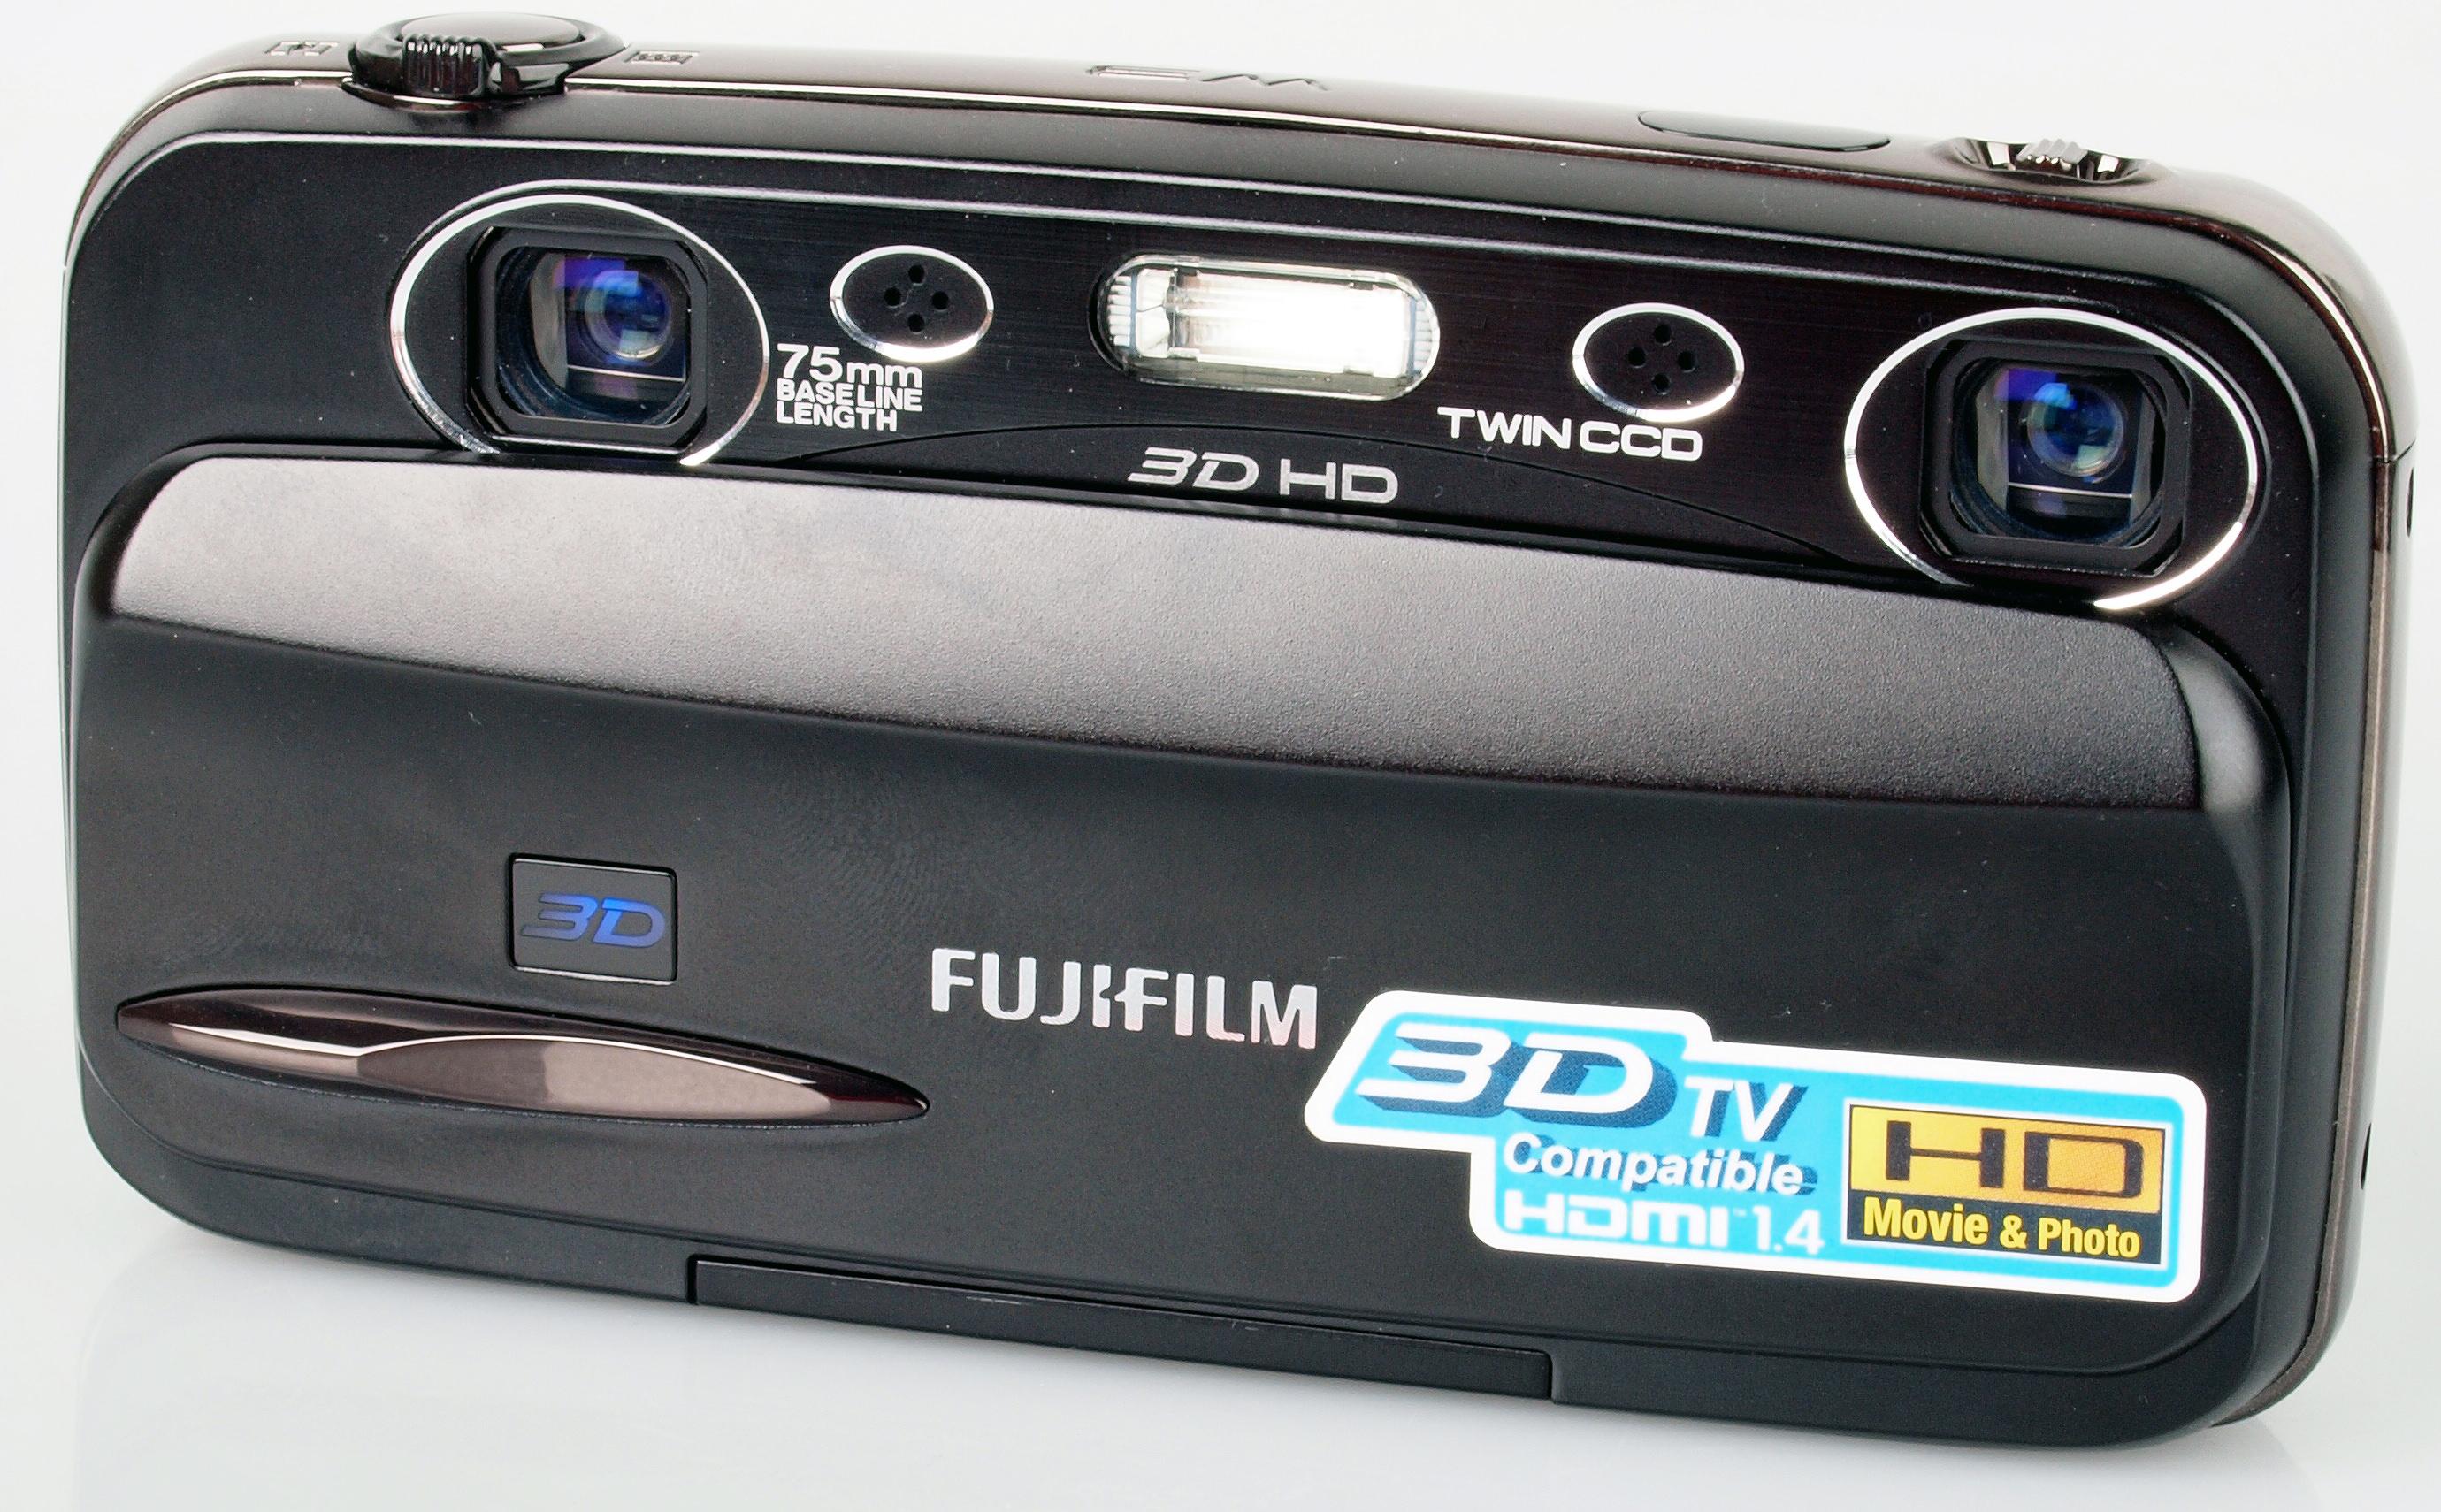 fujifilm finepix real 3d w3 digital camera review rh ephotozine com Fuji Cameras with Zoom 50 Fuji Cameras with Zoom 50